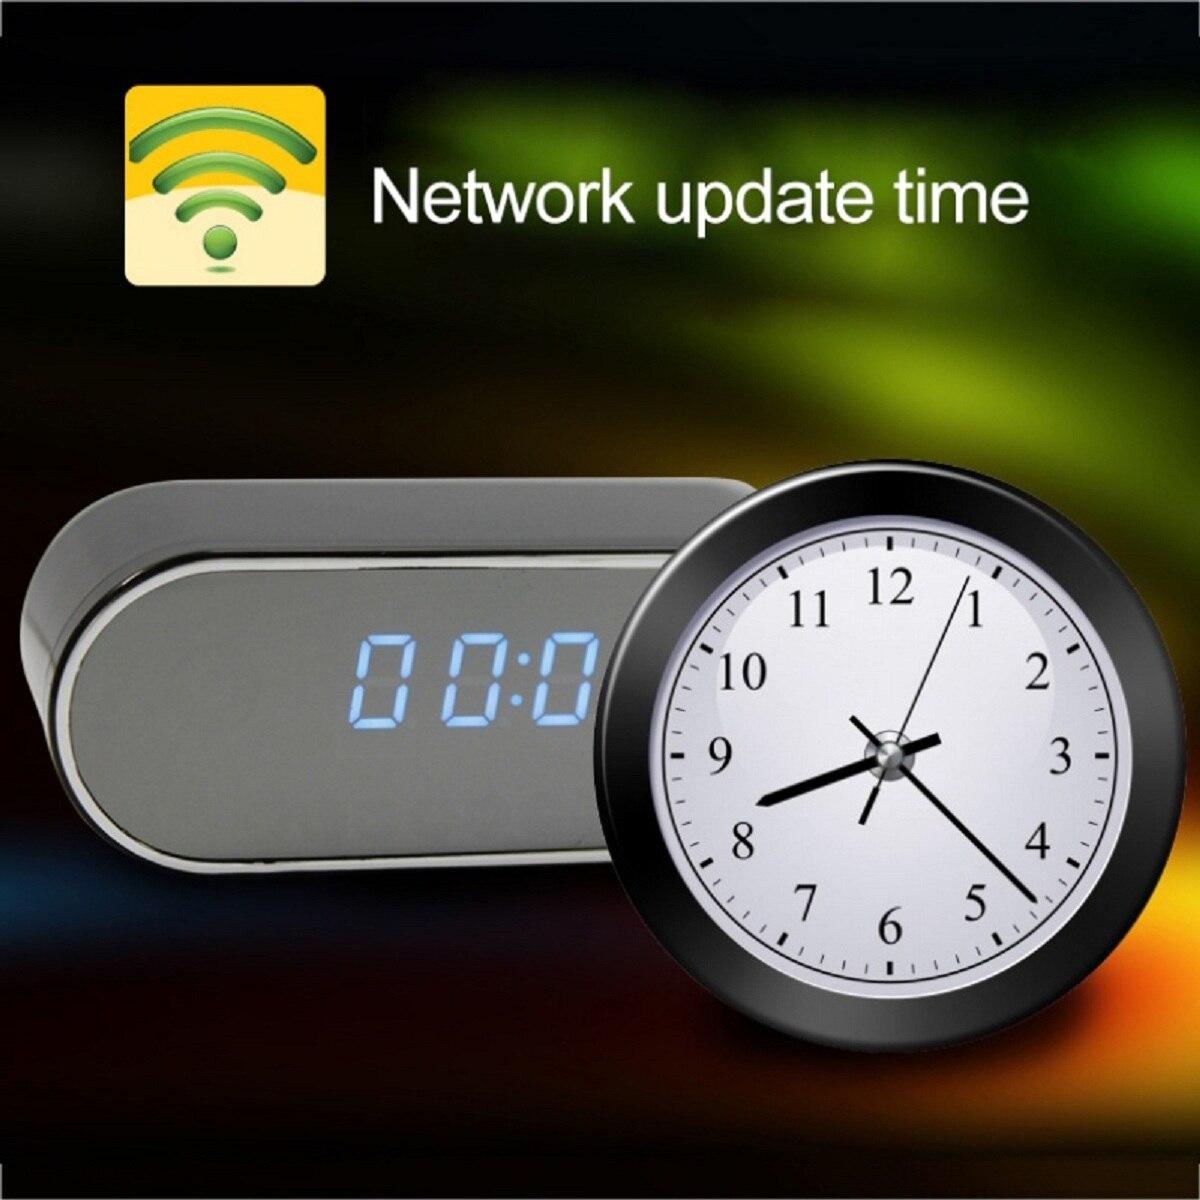 Jrgk 1080 p hd clock câmera de controle wi fi escondido ir night view alarme camcorder pk z16 relógio digital câmera vídeo mini dv dvr